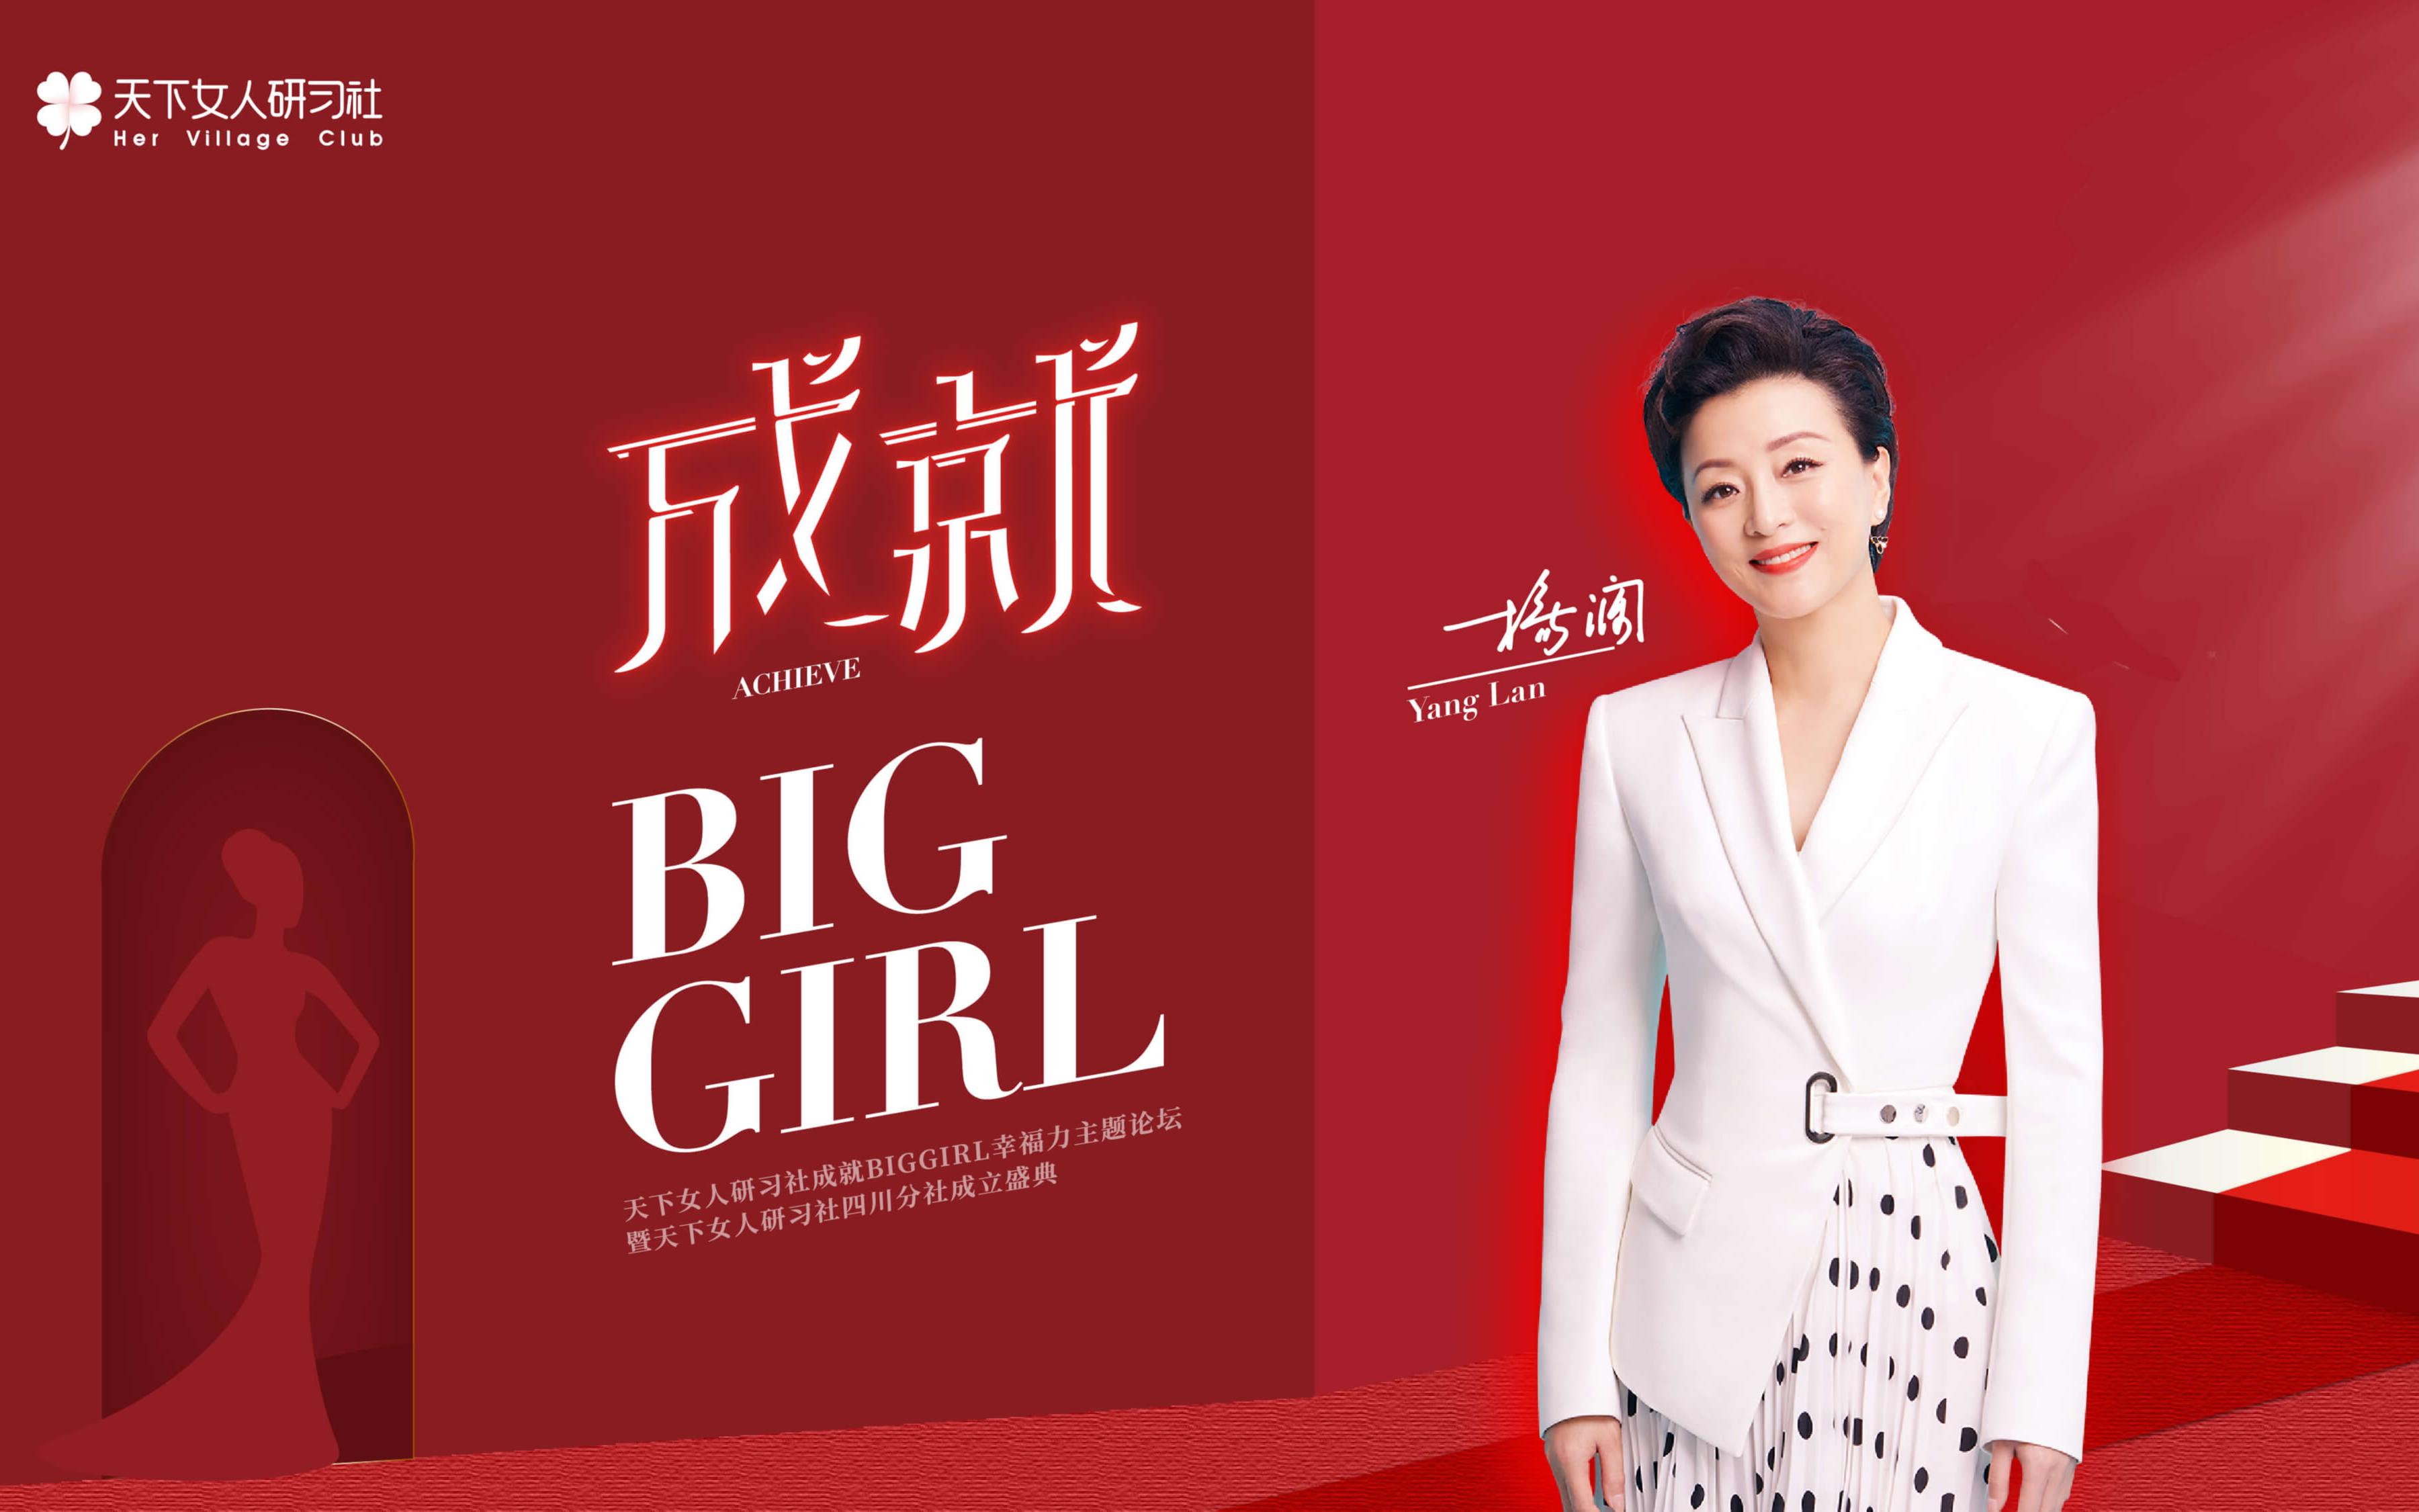 成就BIG GIRL幸福力主题论坛暨天下女人研习社四川分社成立盛典